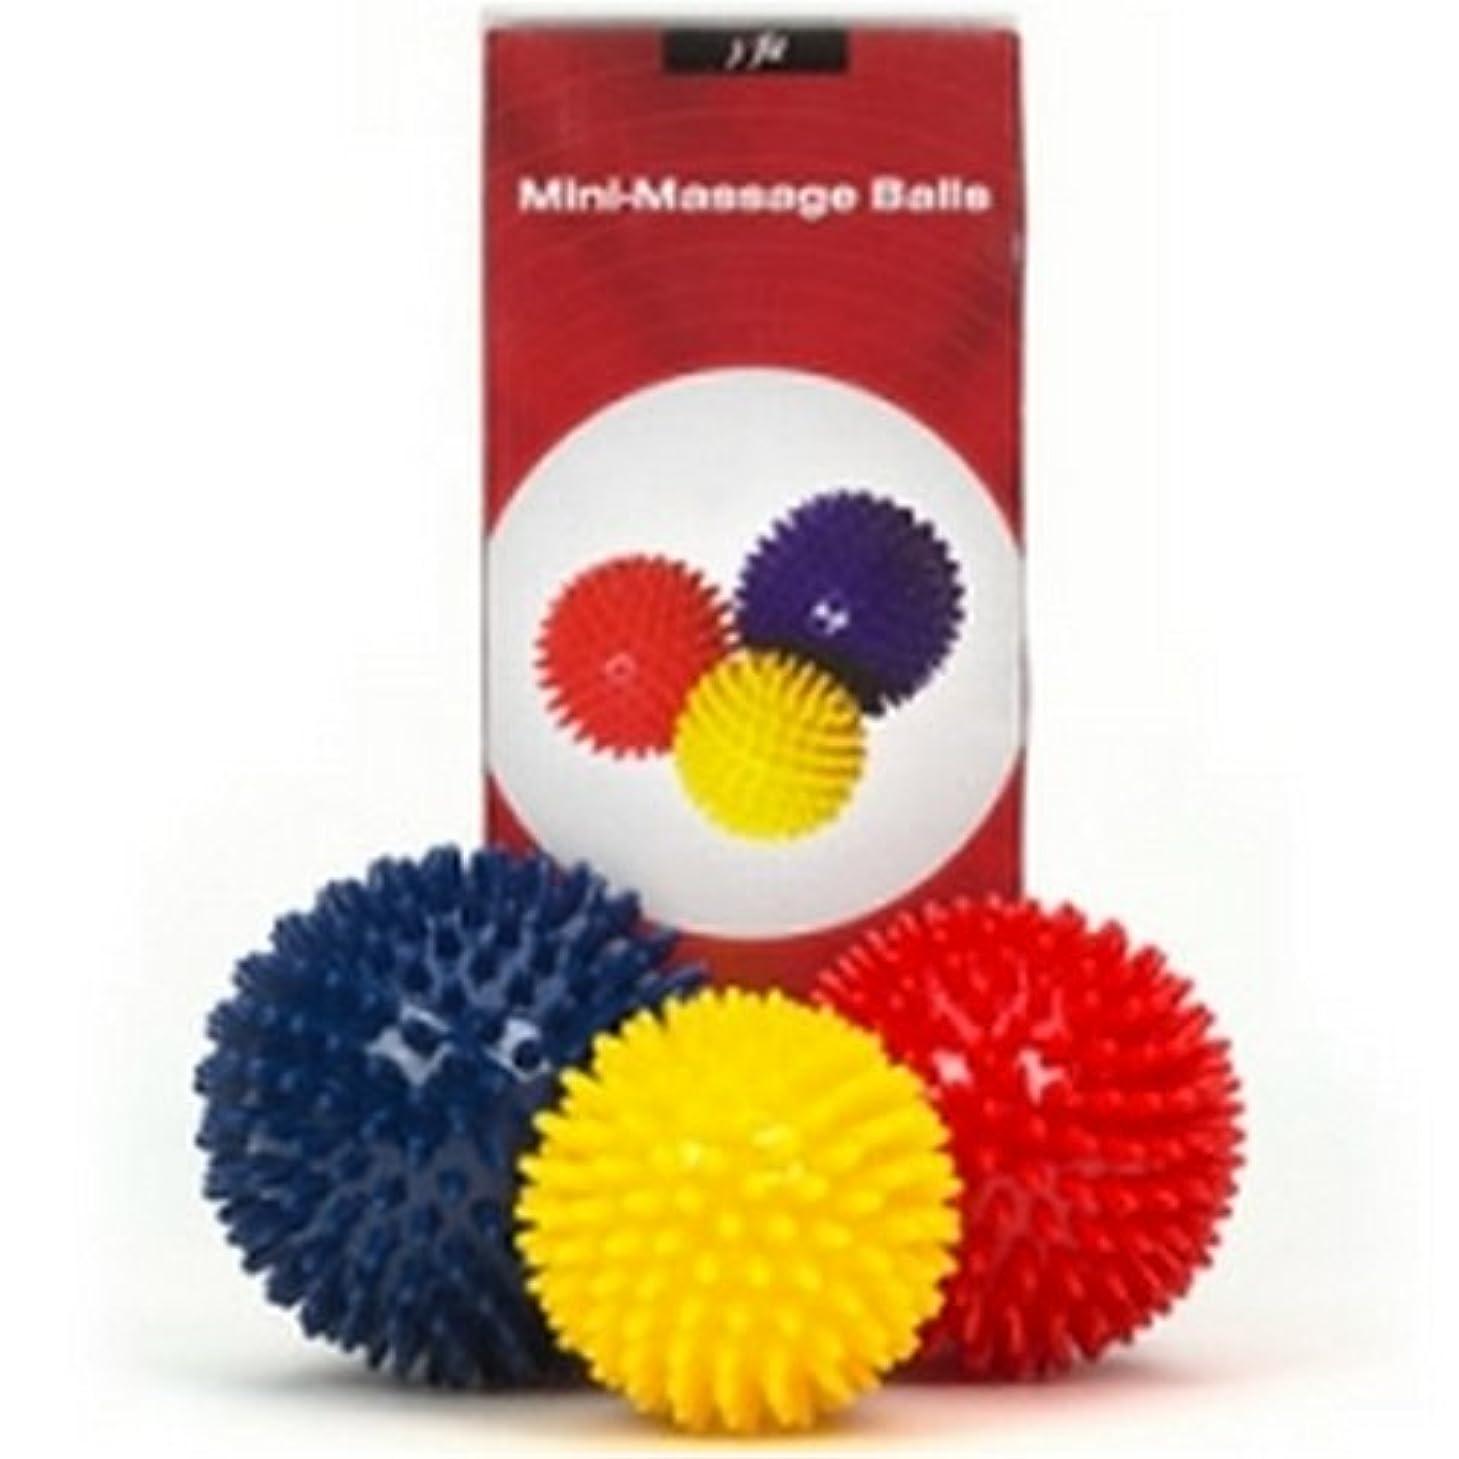 右いわゆる素人J-Fit Mini-Massage Balls 3 balls ?????